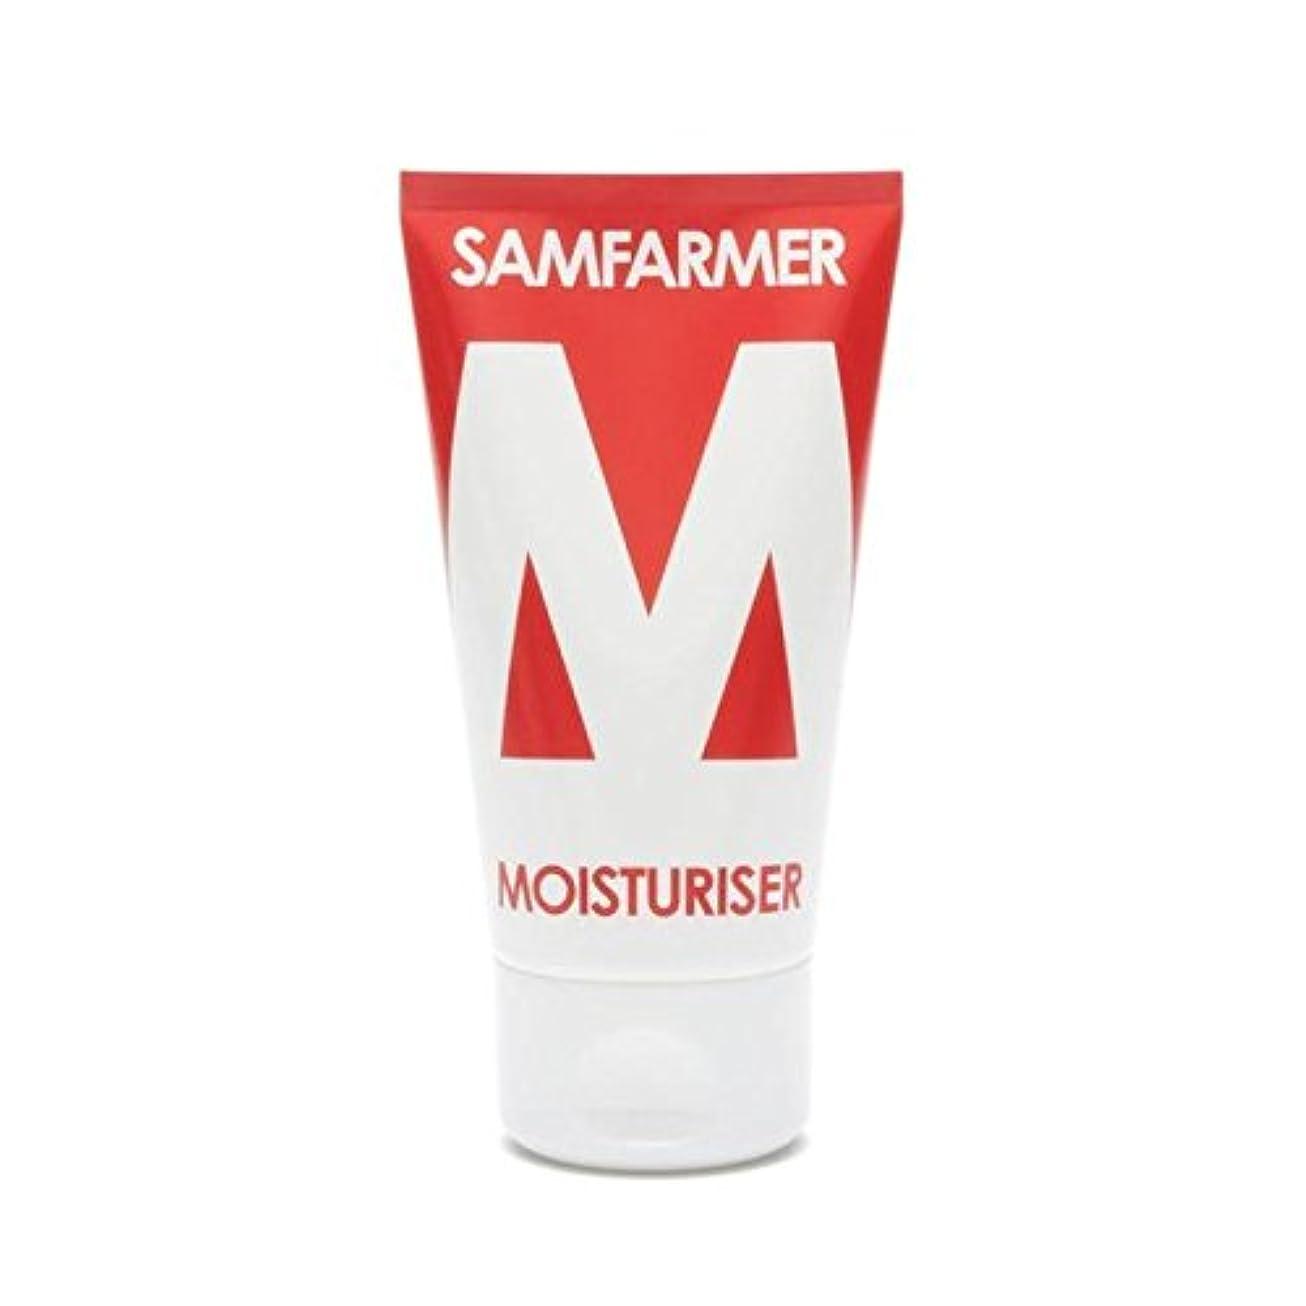 主婦ソフィーあざユニセックス保湿50ミリリットル x2 - SAMFARMER Unisex Moisturiser 50ml (Pack of 2) [並行輸入品]